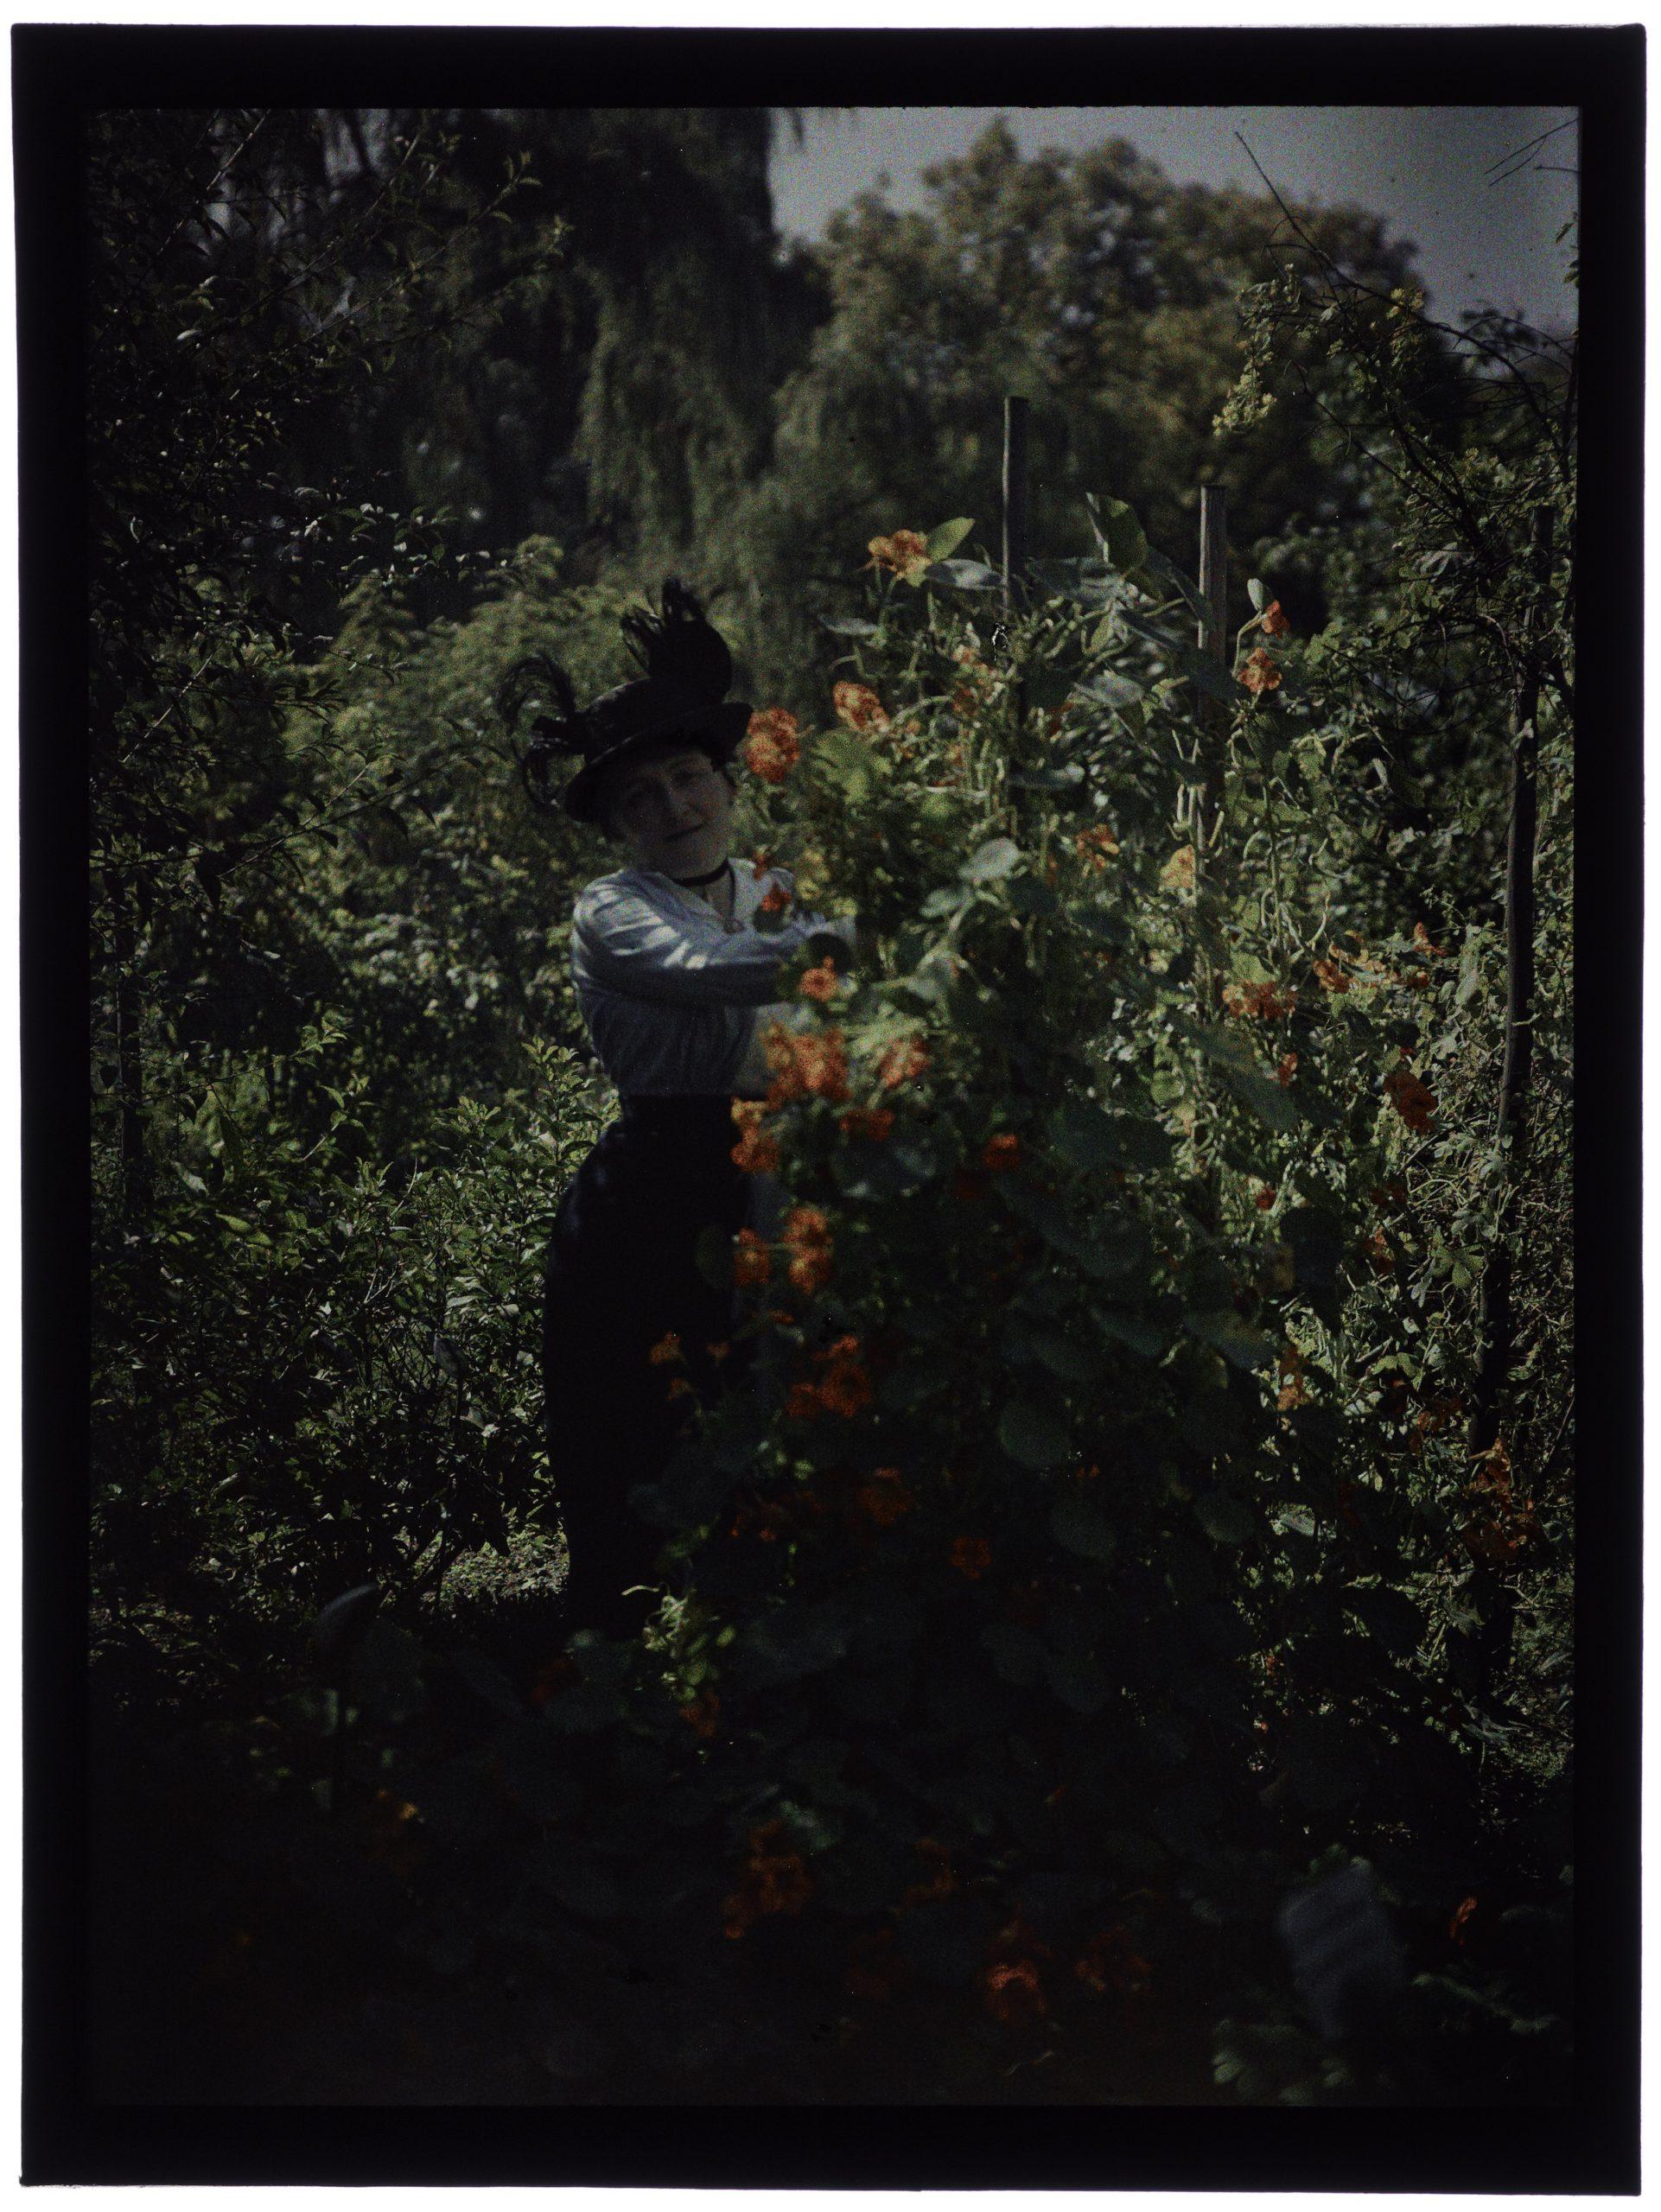 Femme au jardin